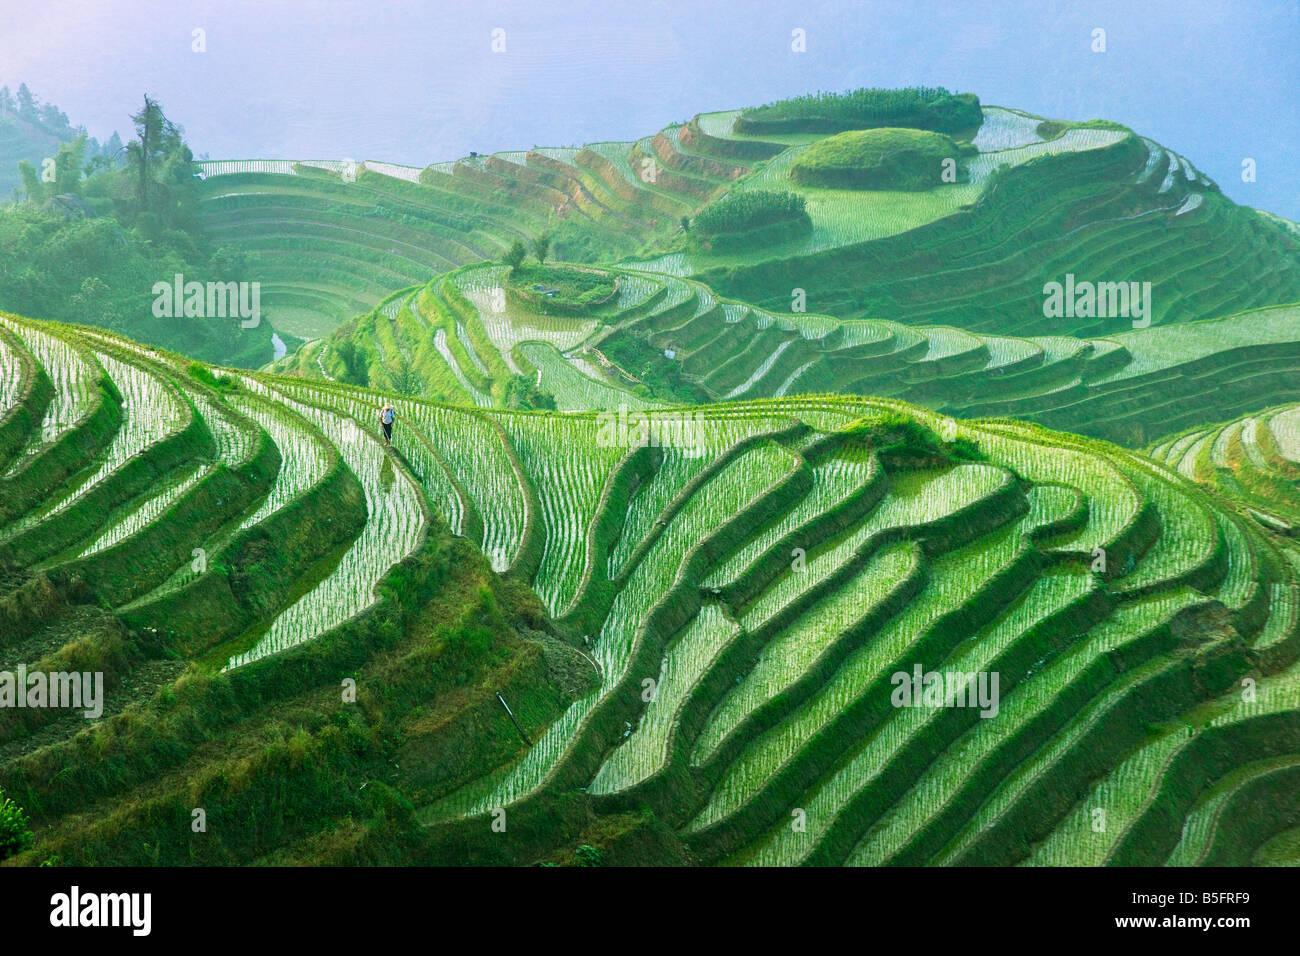 Paesaggio di terrazze di riso Longsheng Guangxi Cina Foto Stock